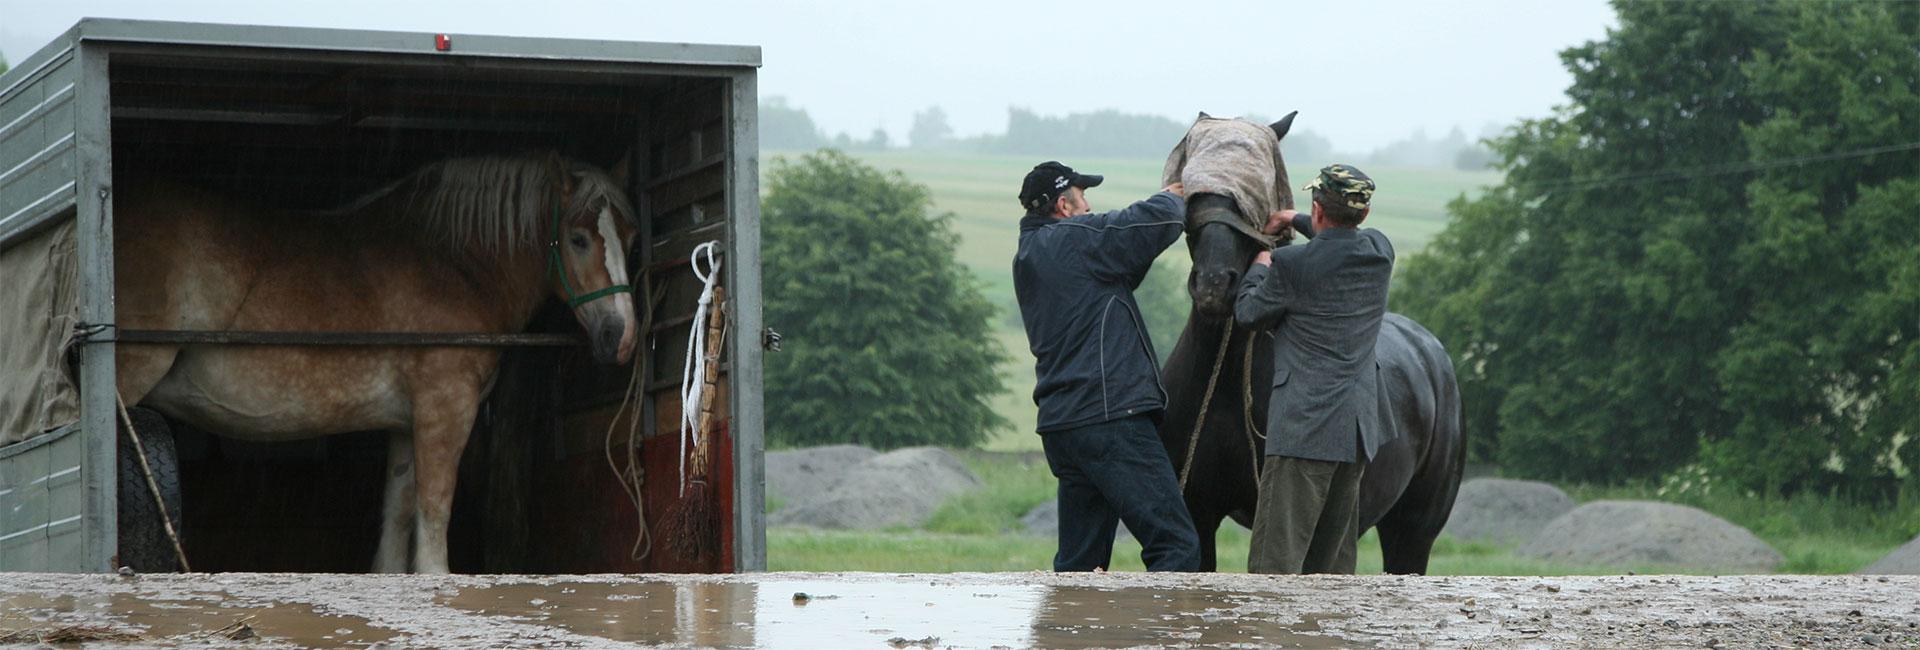 Tiermarkt in Polen: Männer verladen ein Pferd in einen Transporter